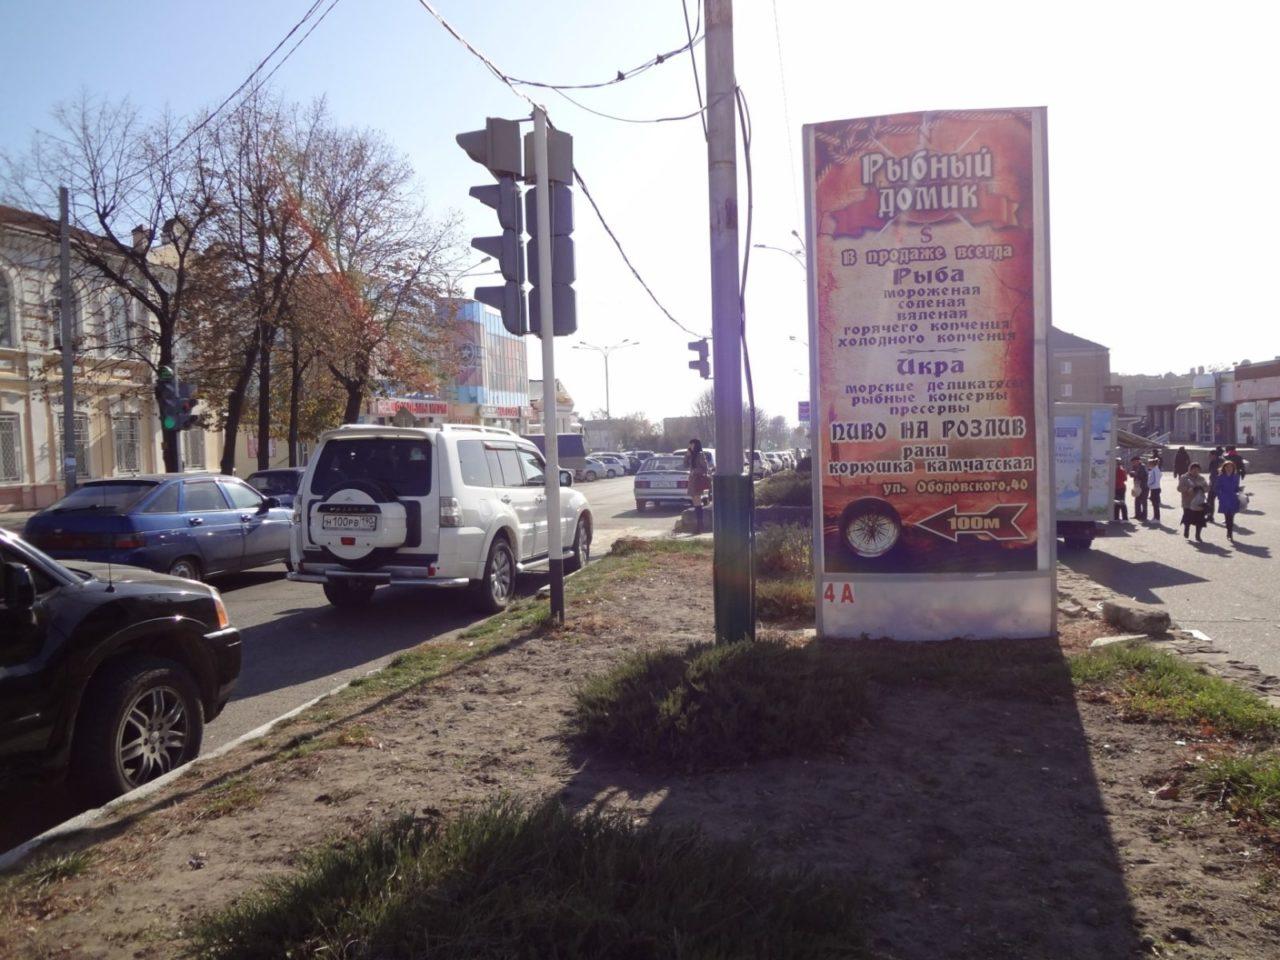 Ленина 93 - Ободовского 4А